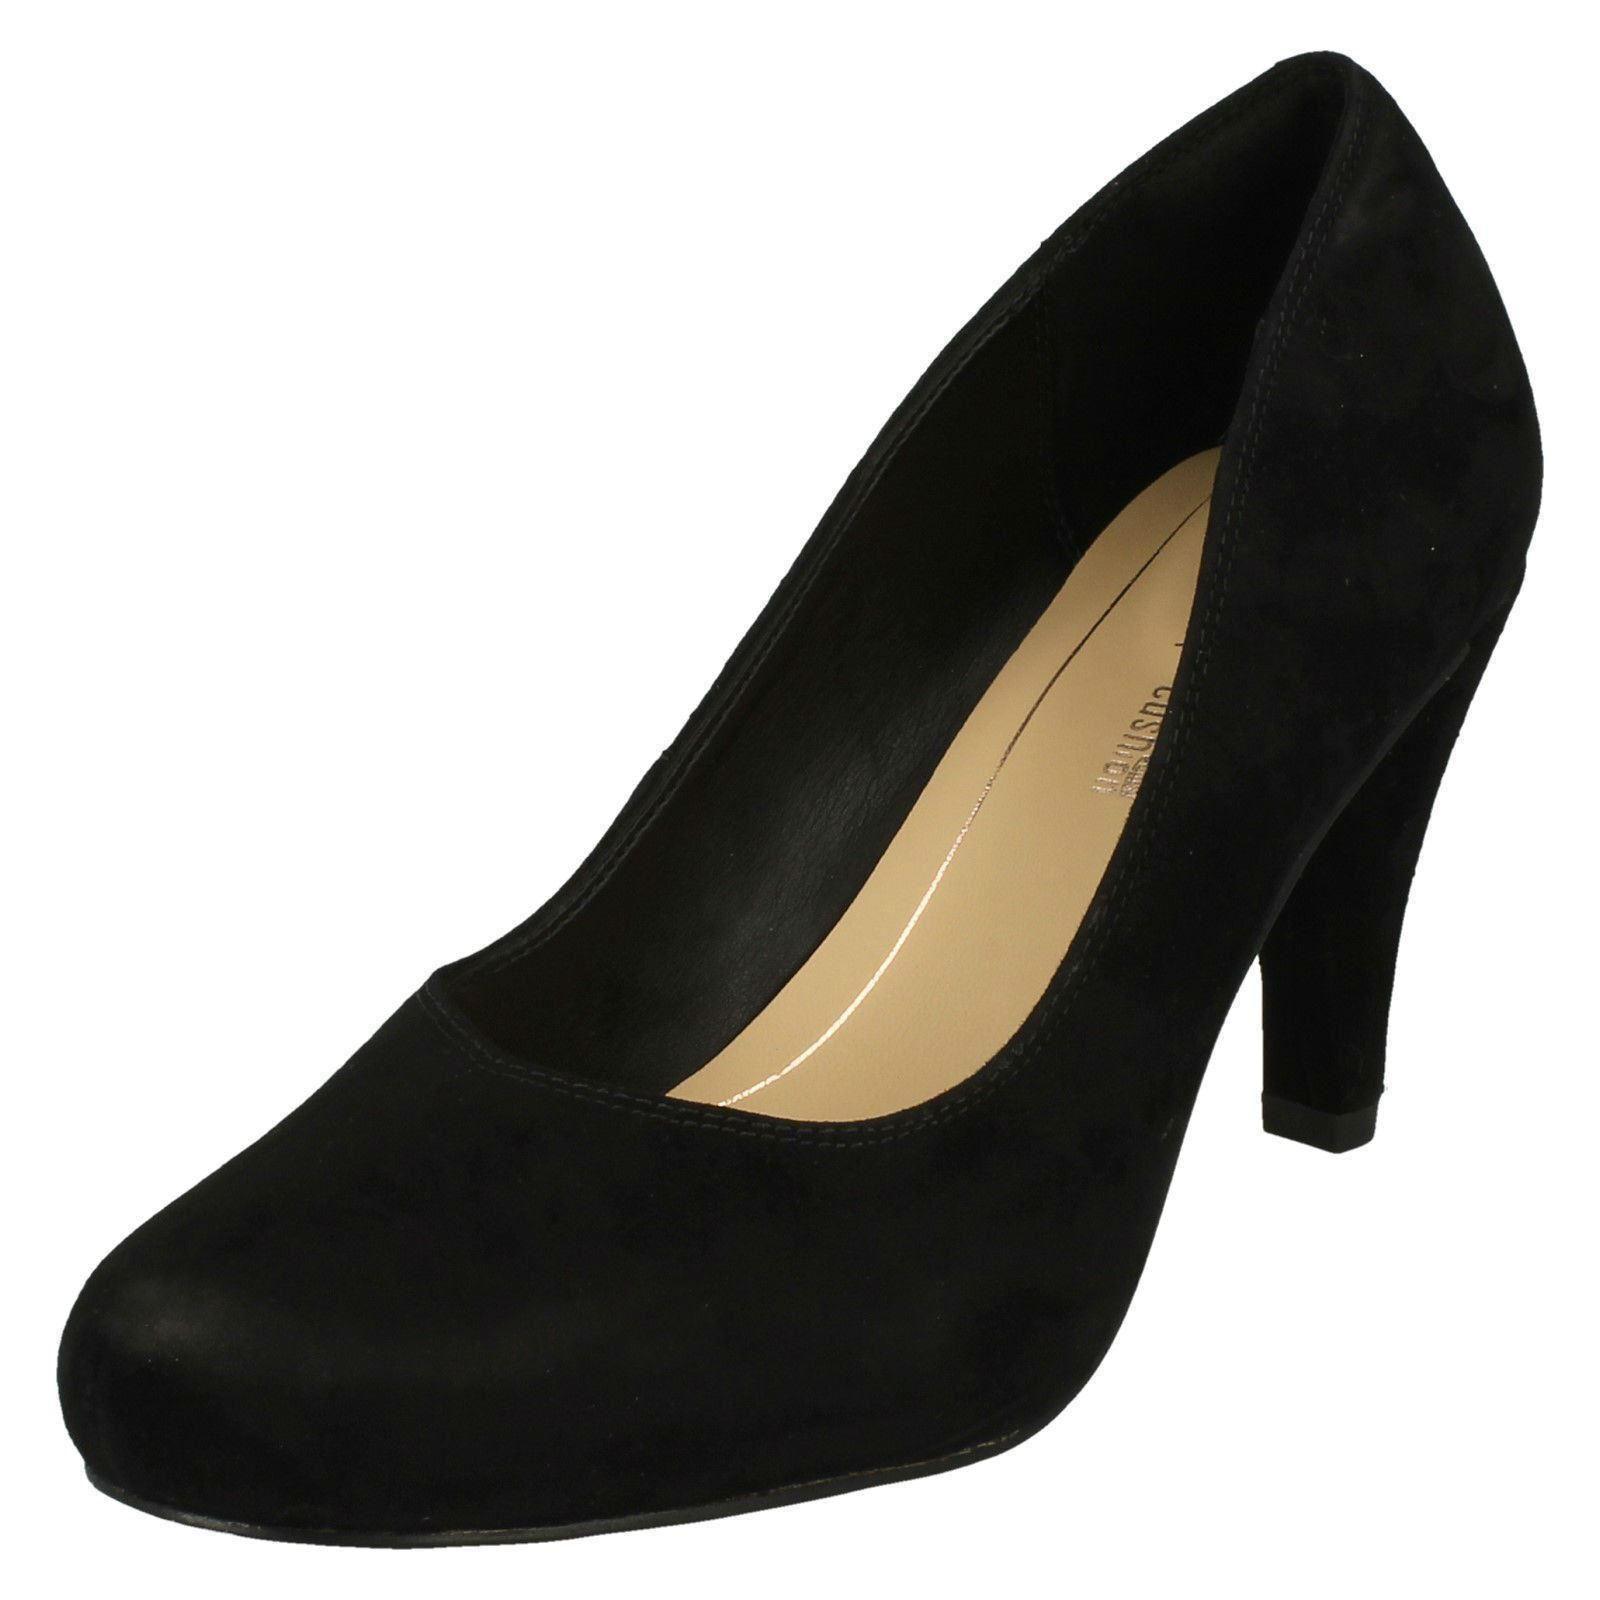 Womens Clarks Heeled Court Shoes Dalia